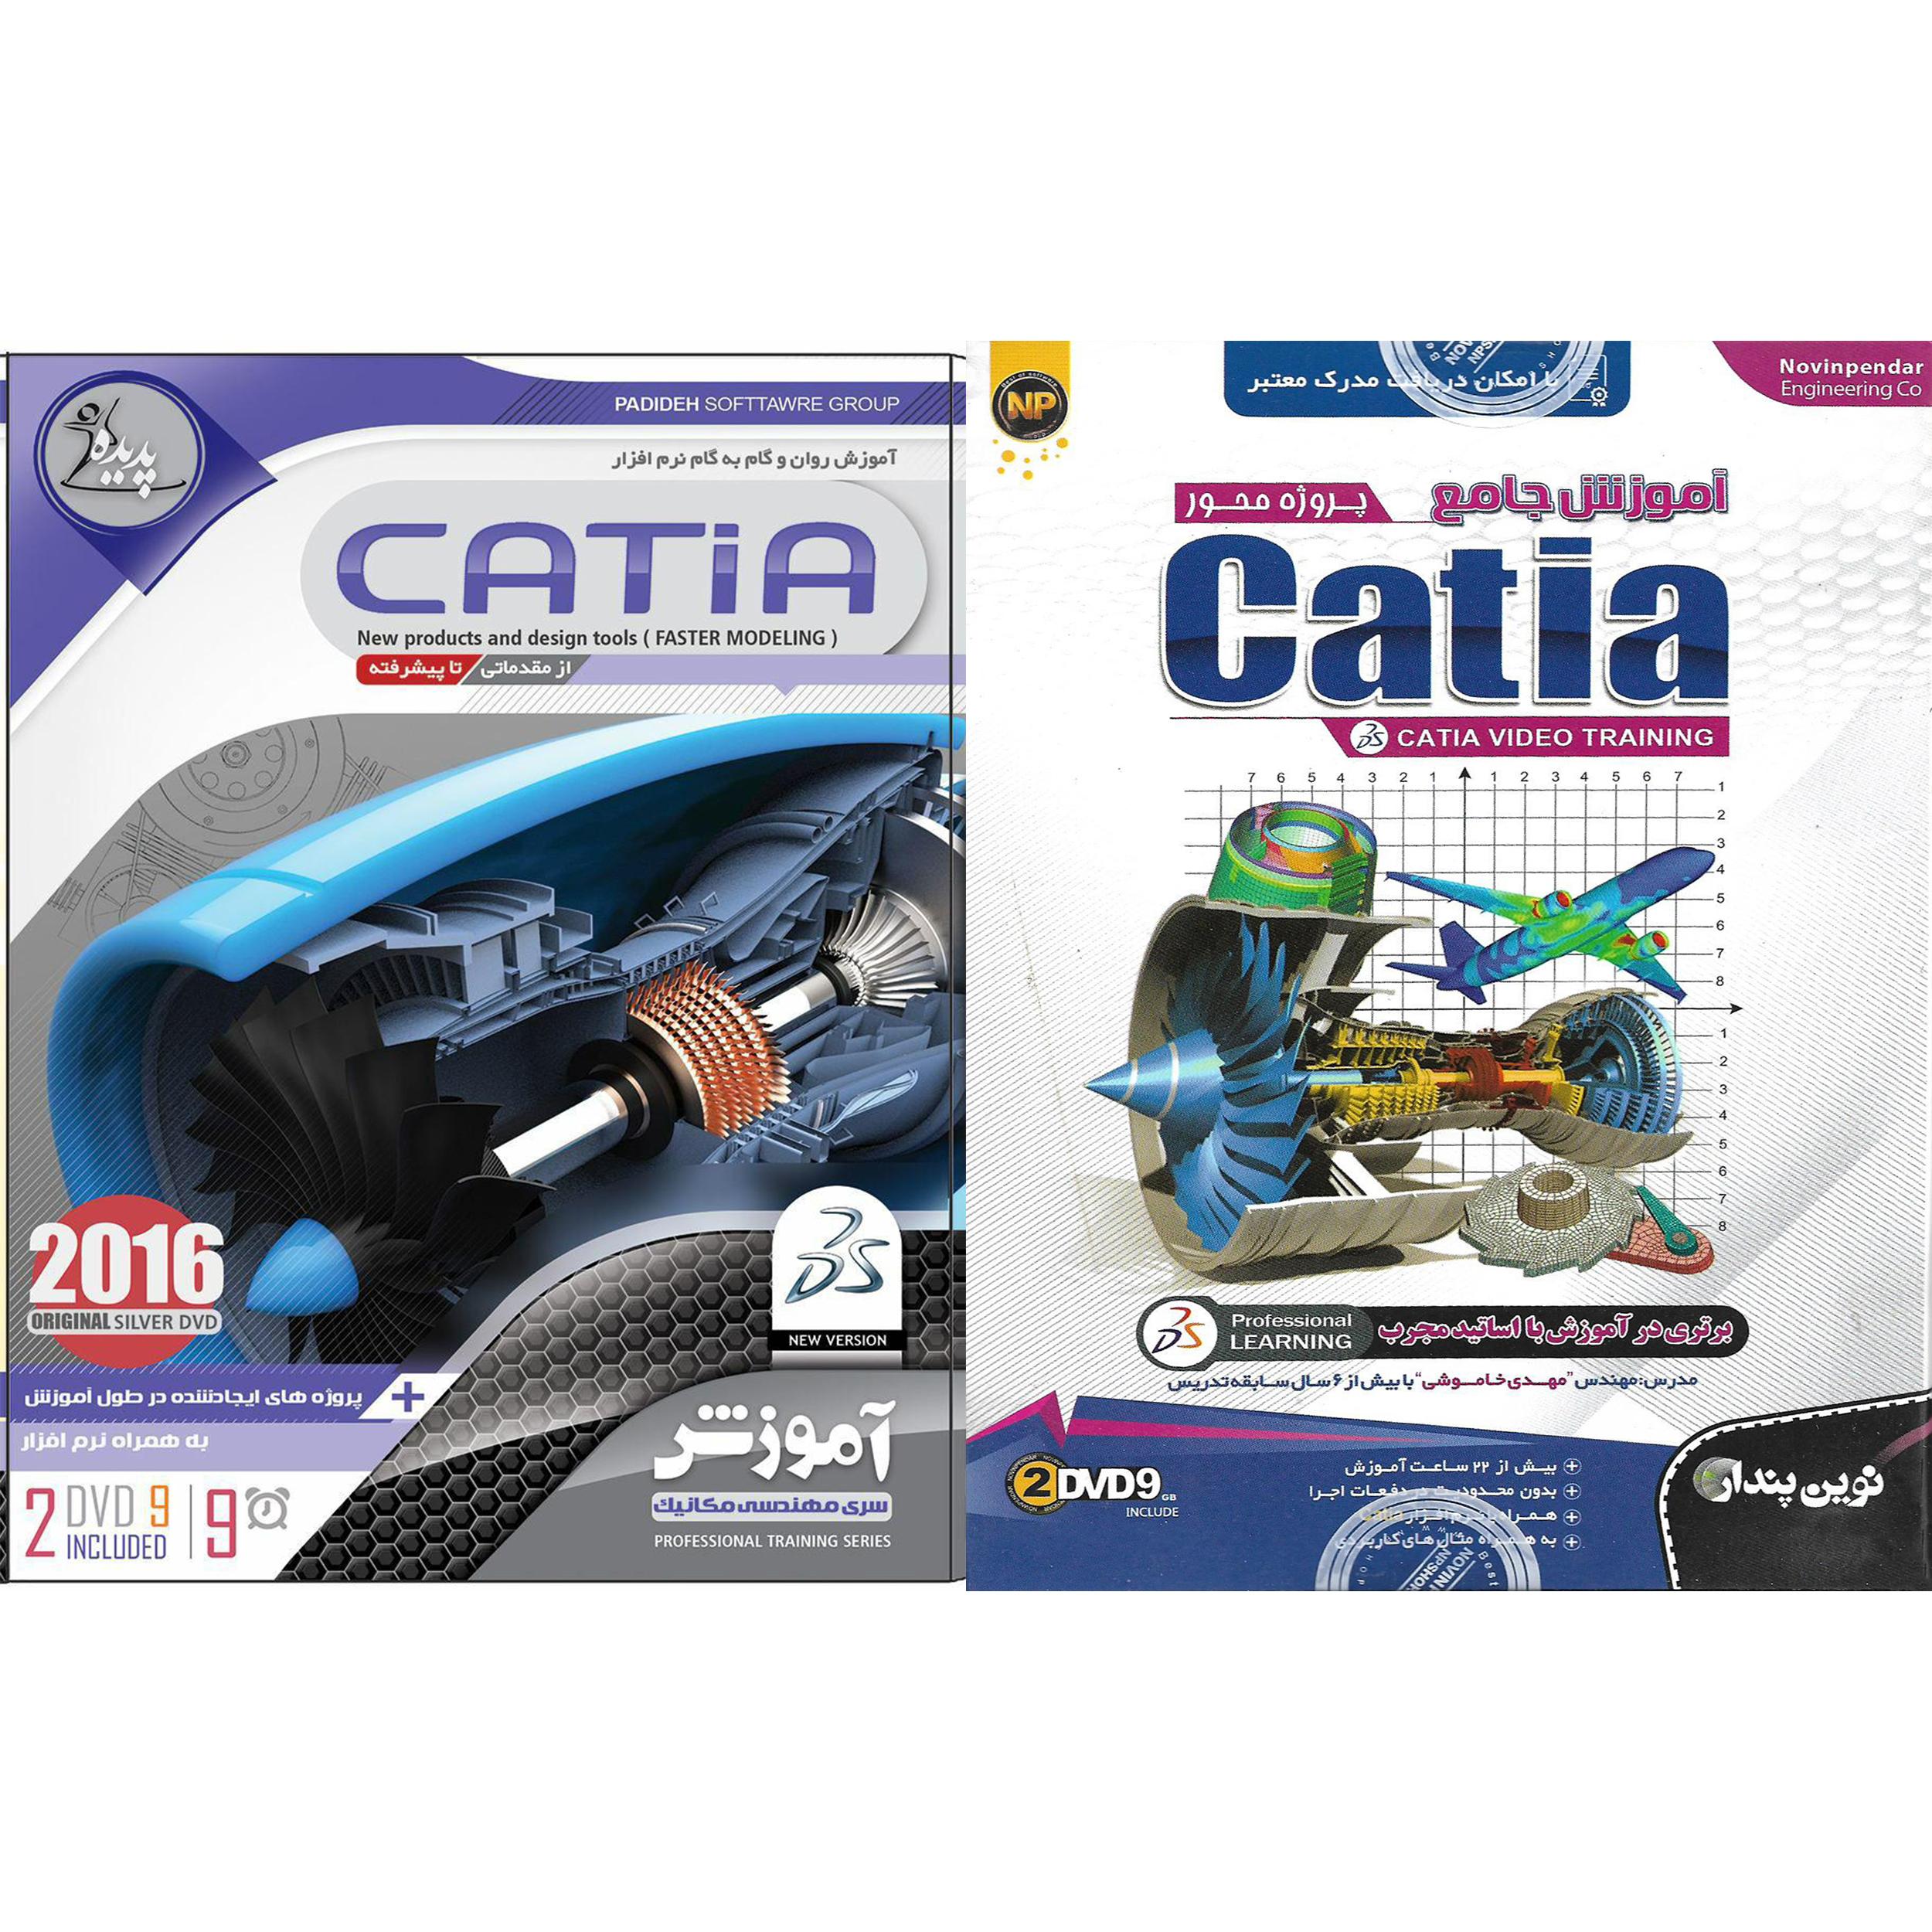 نرم افزار آموزش CATIA نشر نوین پندار به همراه نرم افزار آموزش CATIA نشر پدیده